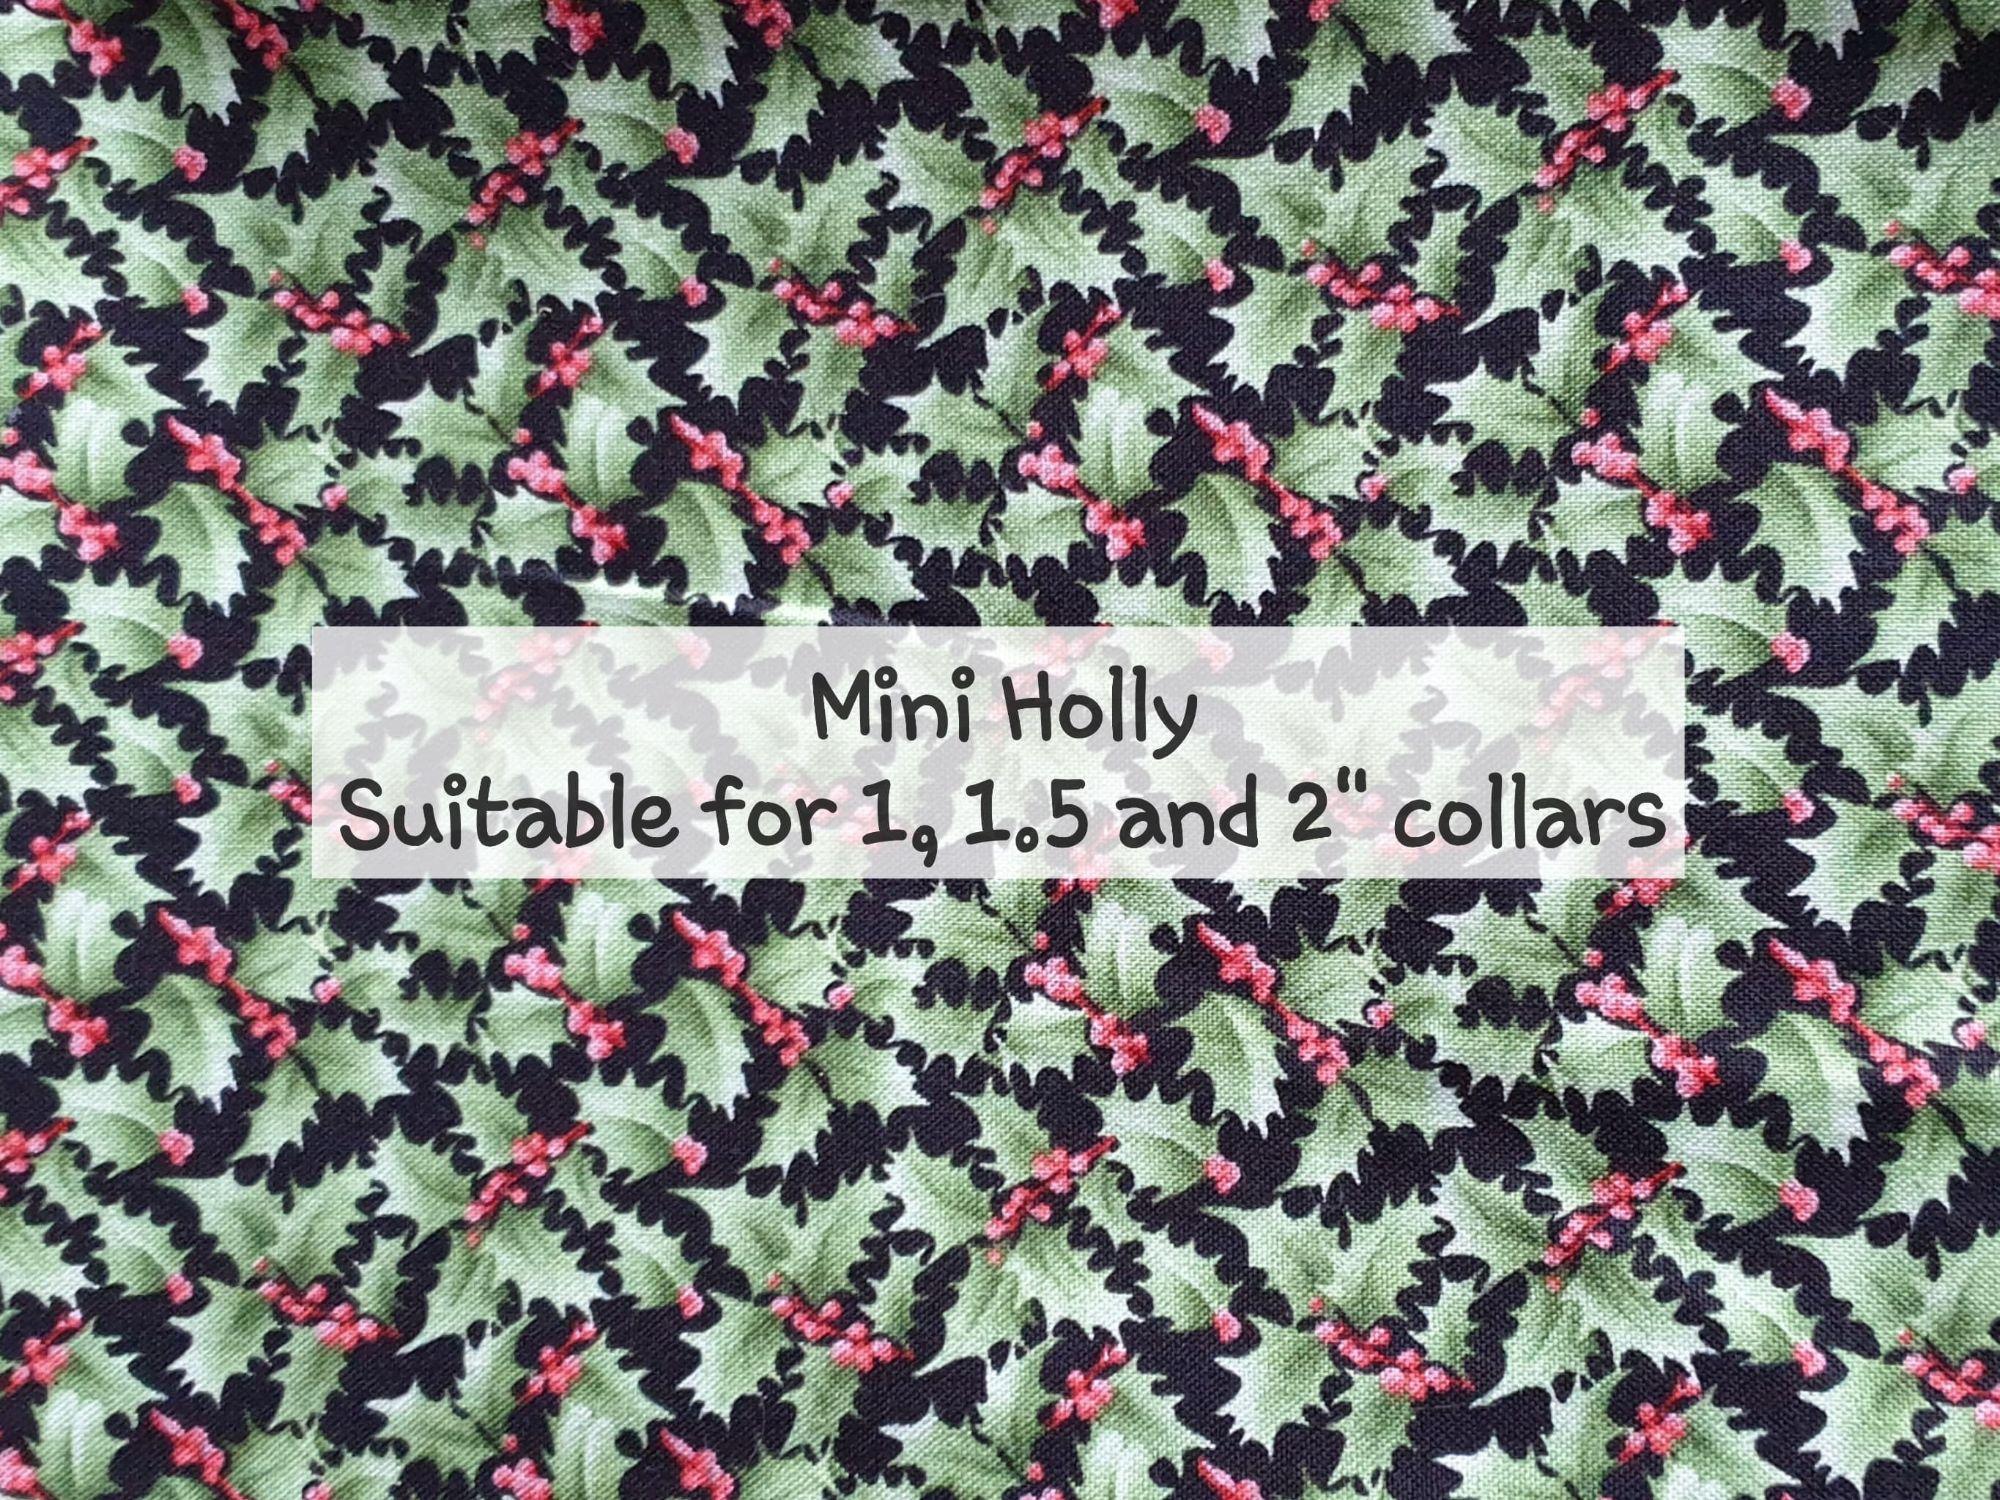 Mini Holly